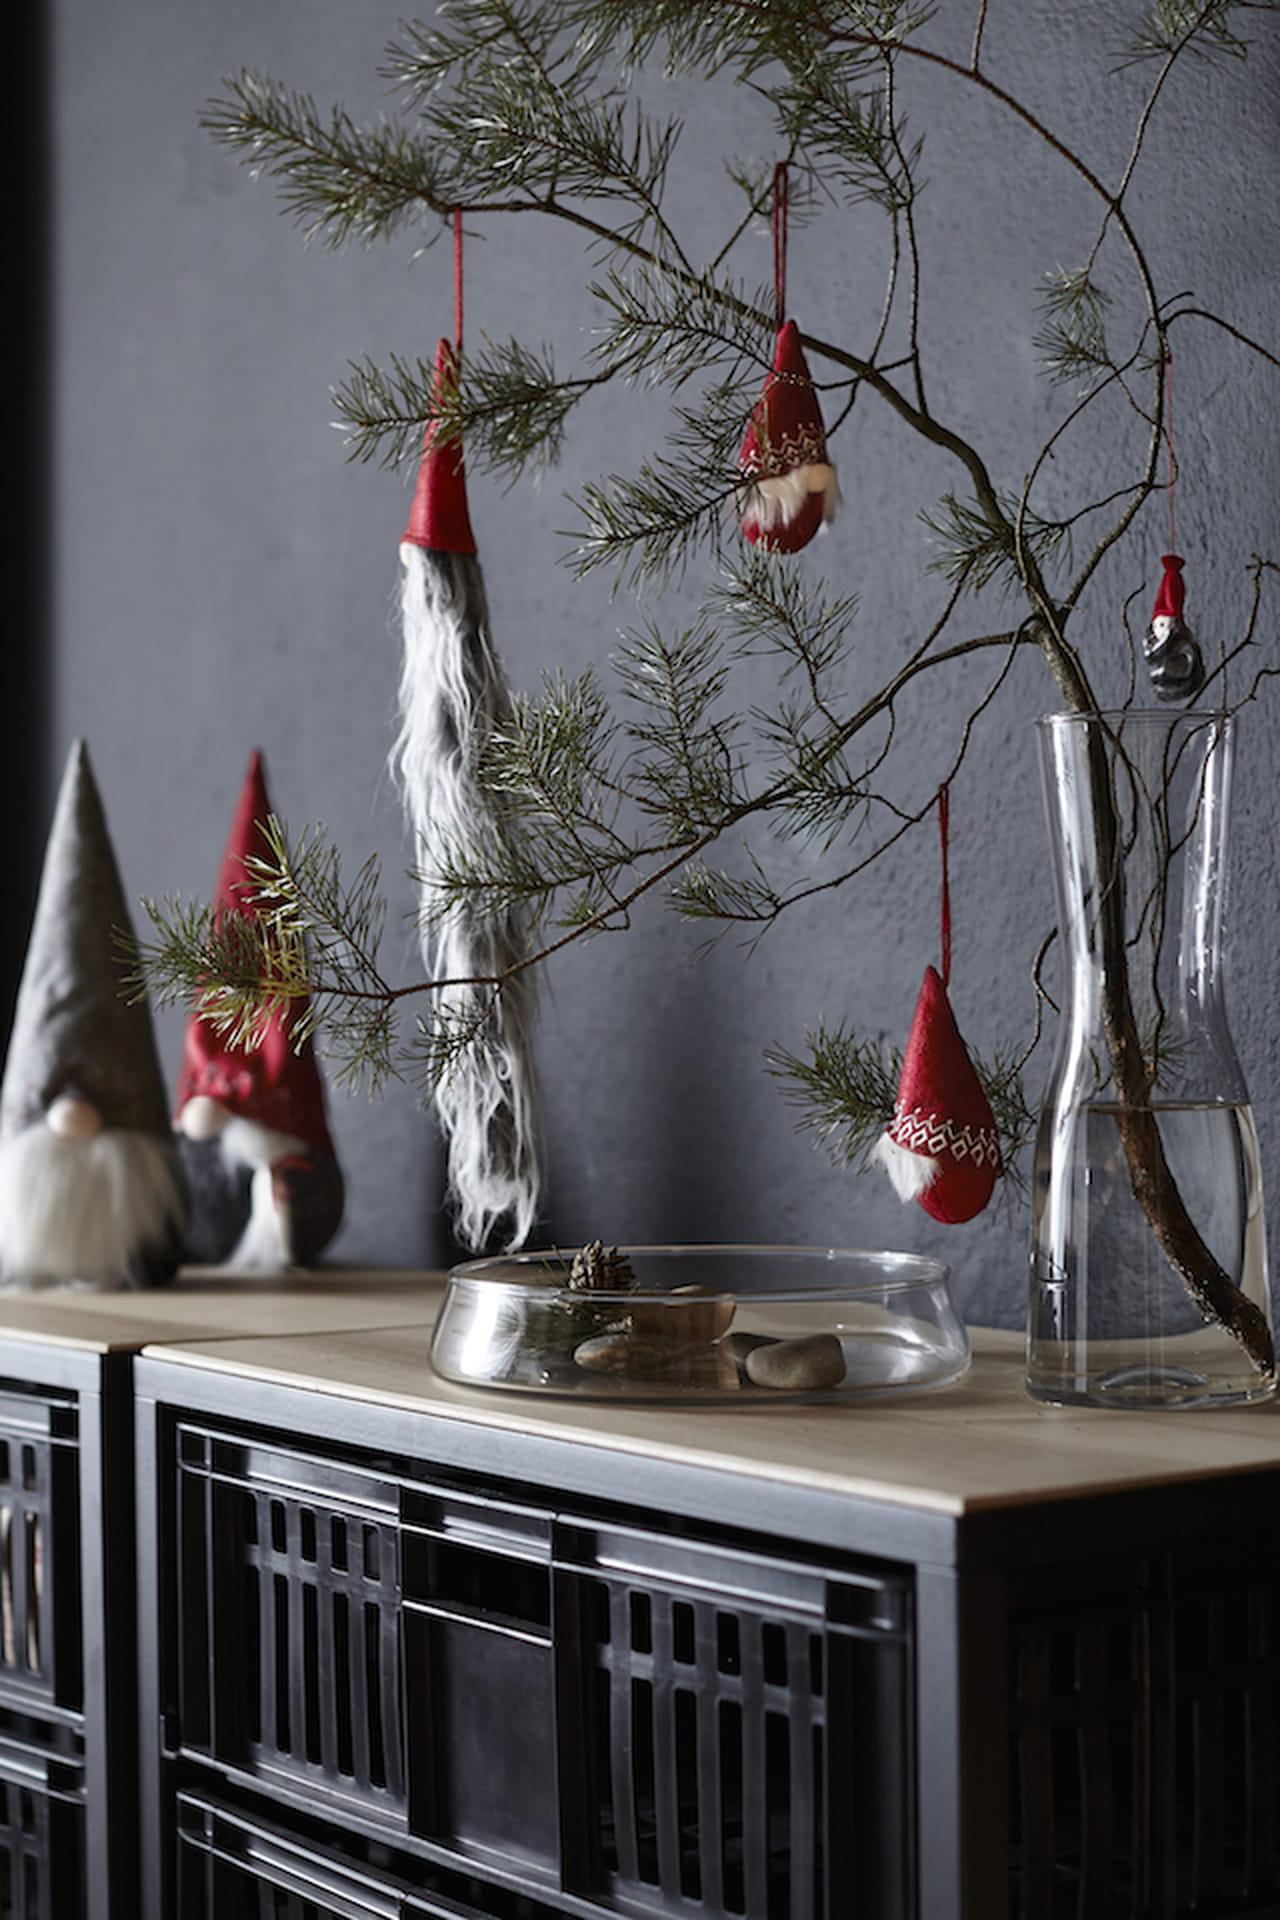 Decorazioni natalizie 2017 ikea presenta la collezione - Ikea natale 2017 ...